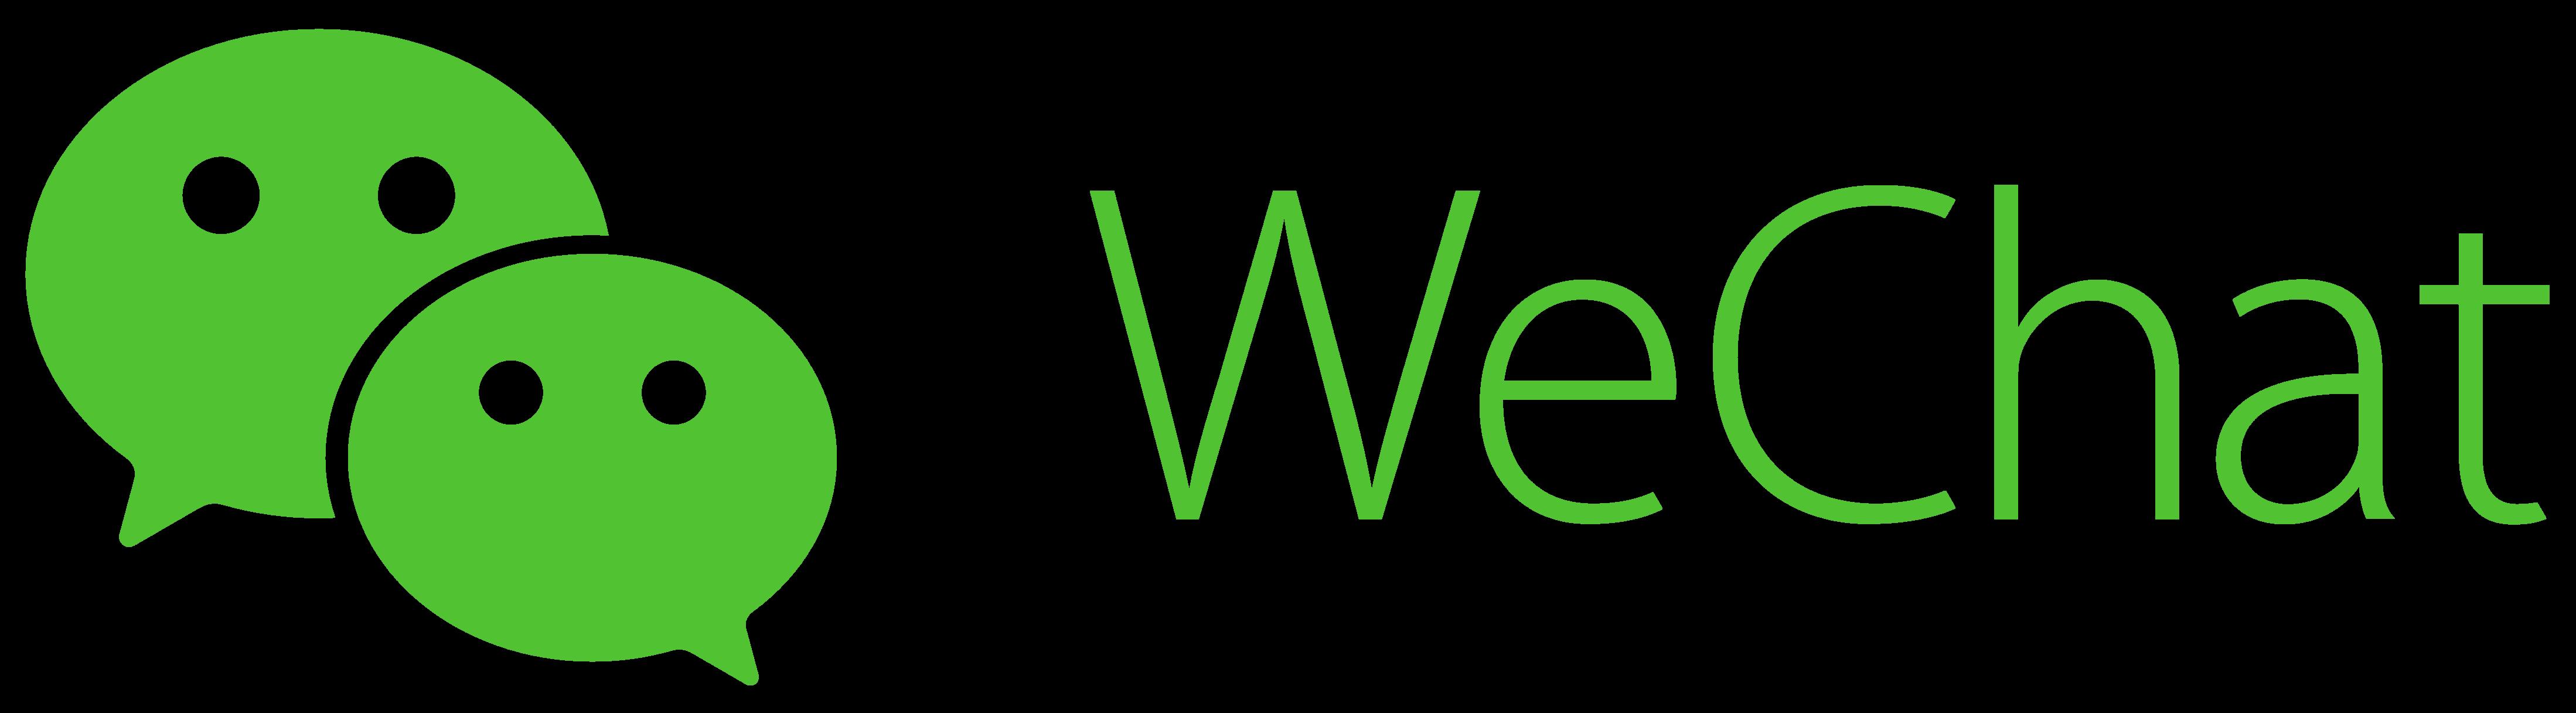 Wechat Logo Vector PNG - 108770